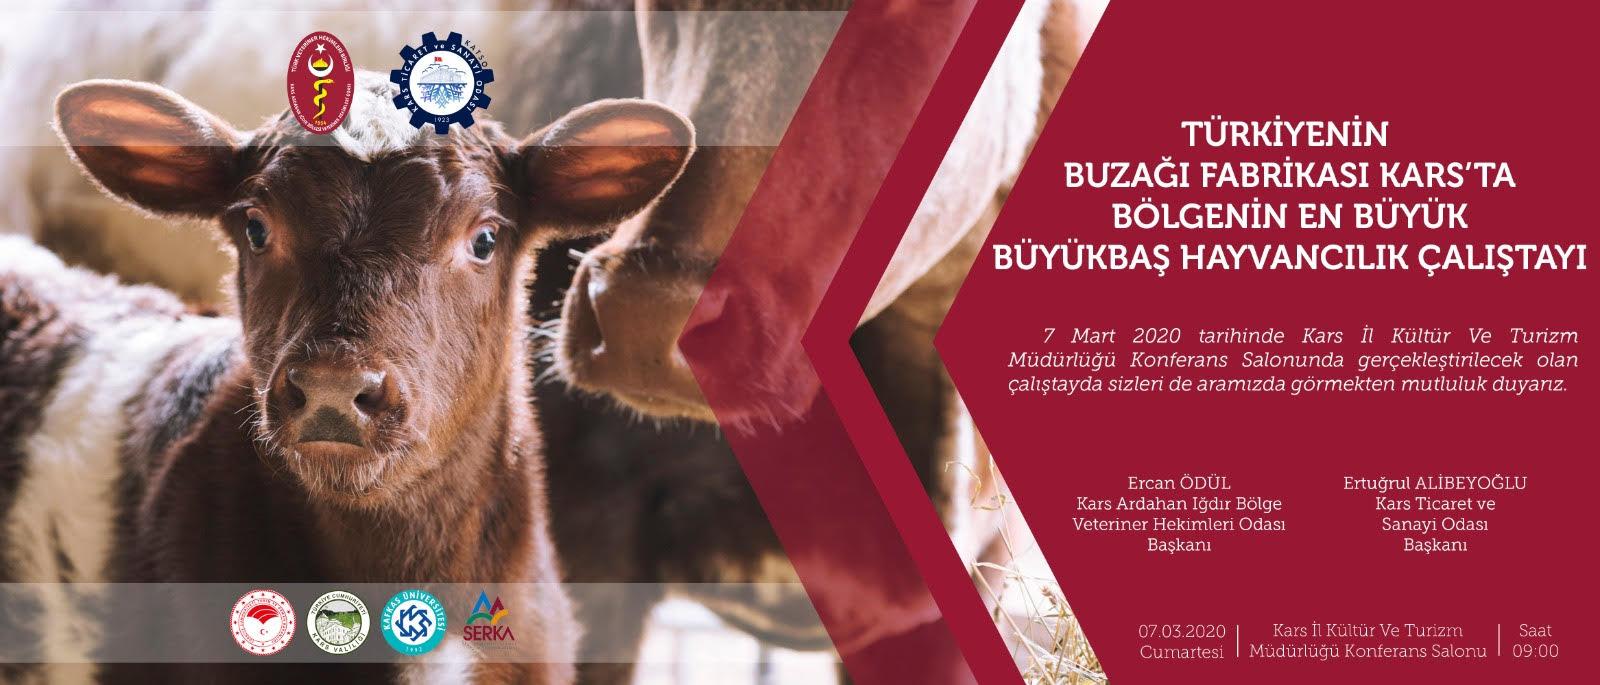 Kars'ta Bölgenin En Büyük Büyükbaş Hayvancılık Çalıştayı Düzenlenecek